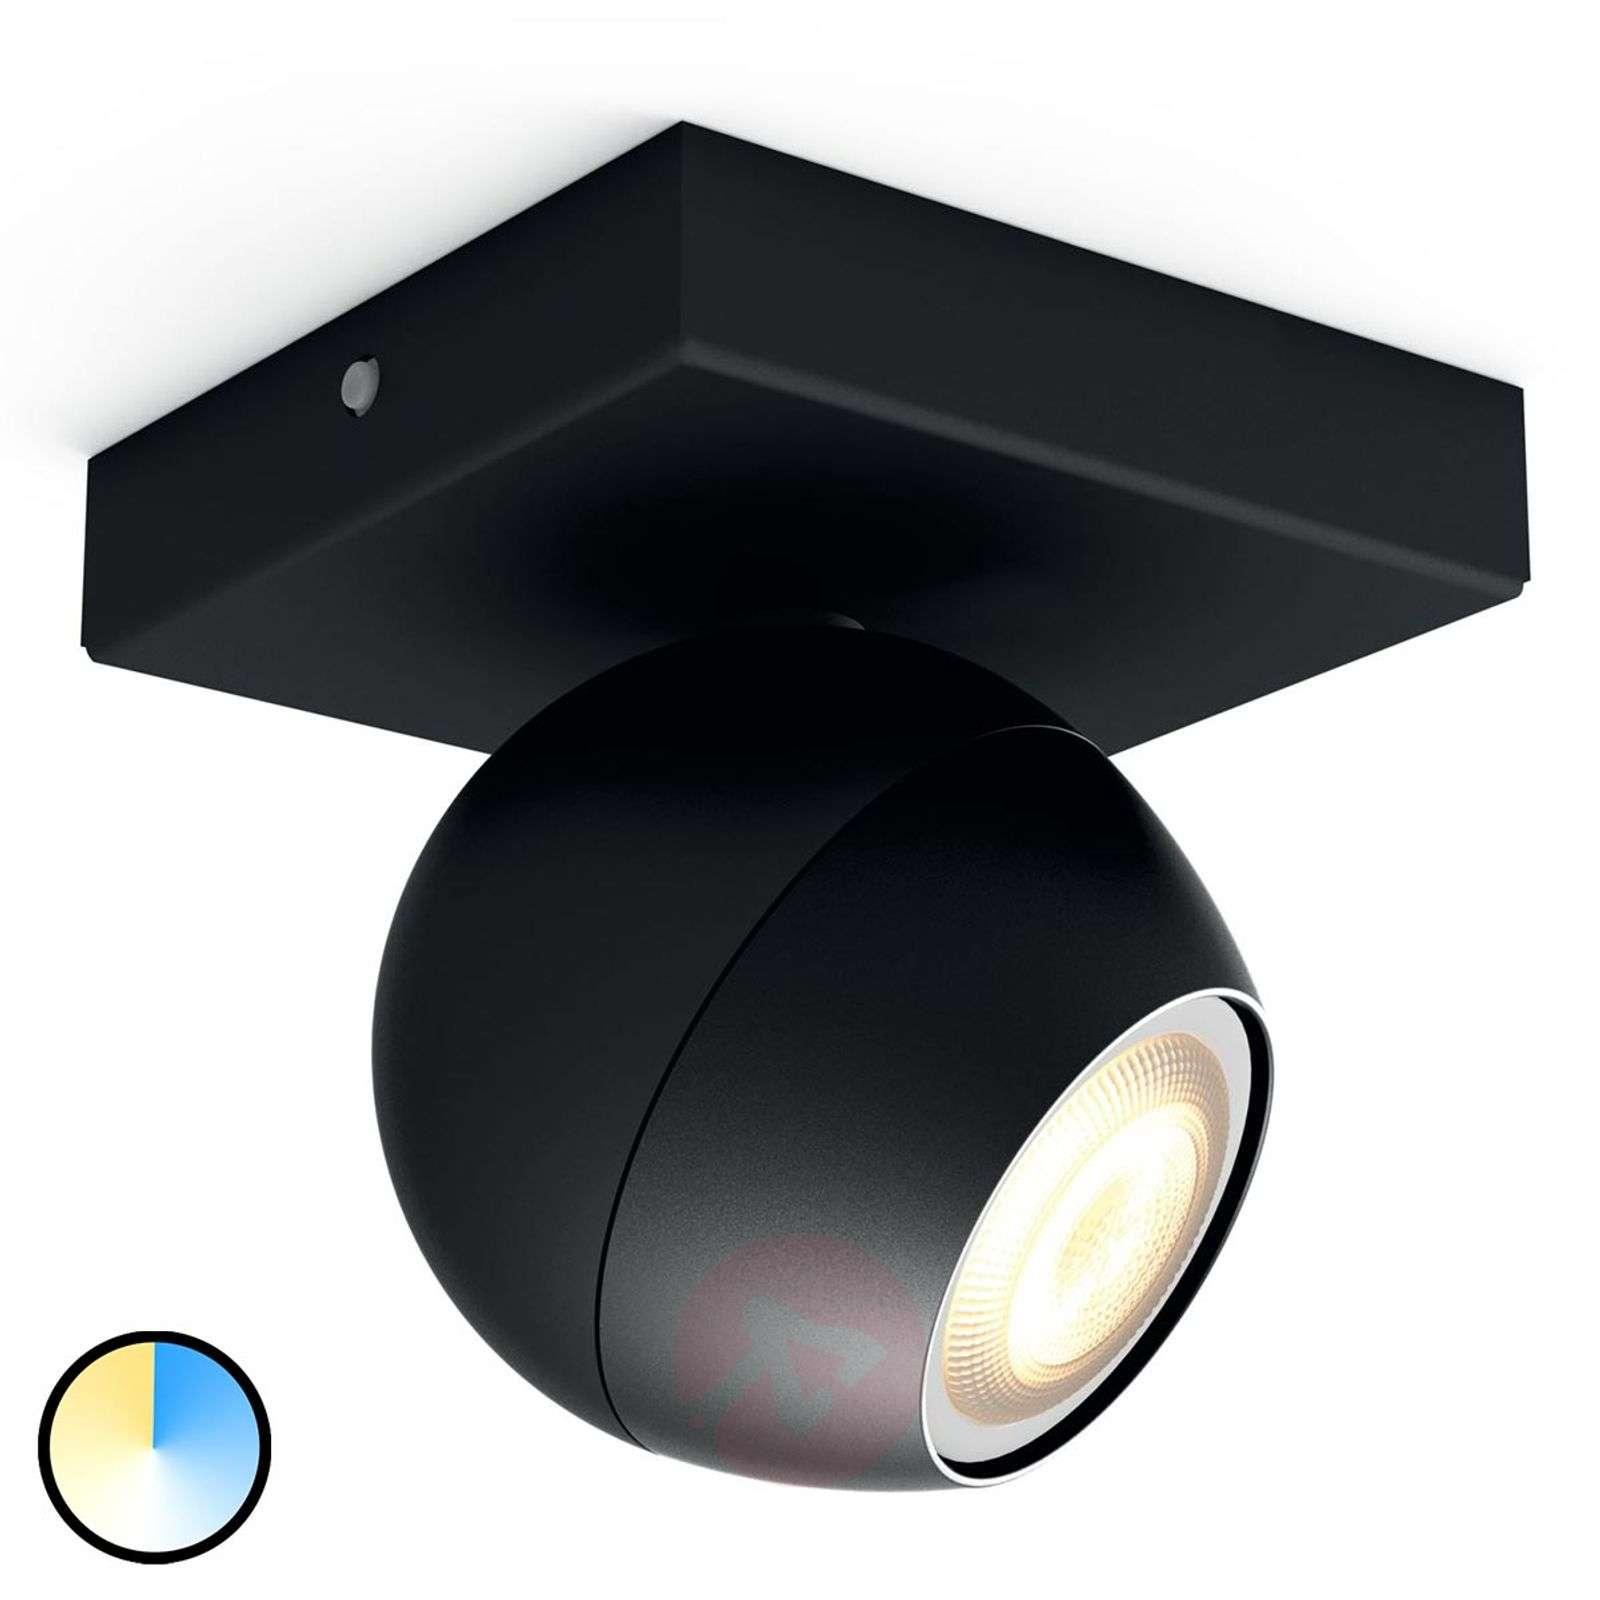 Philips Hue Buckram LED spot in black, dimmer-7532047-01